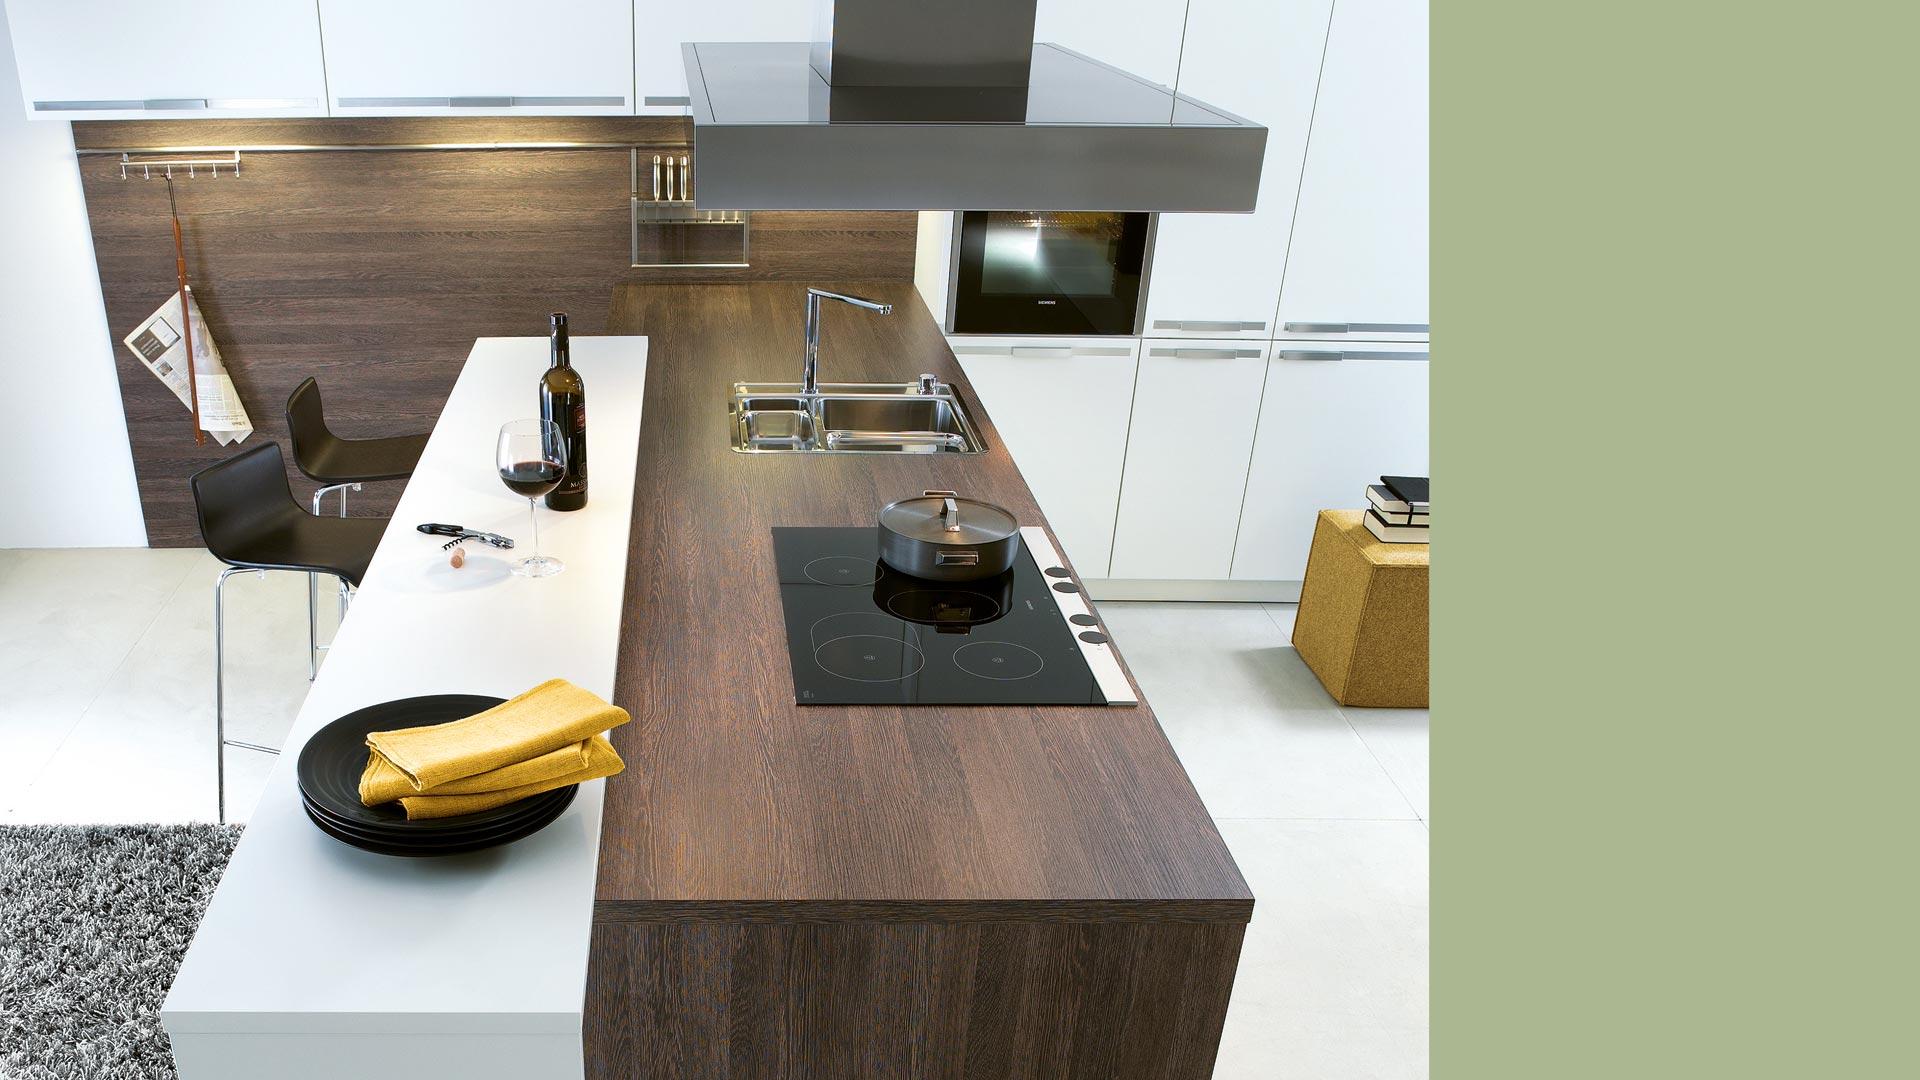 sch ller k chen logo. Black Bedroom Furniture Sets. Home Design Ideas